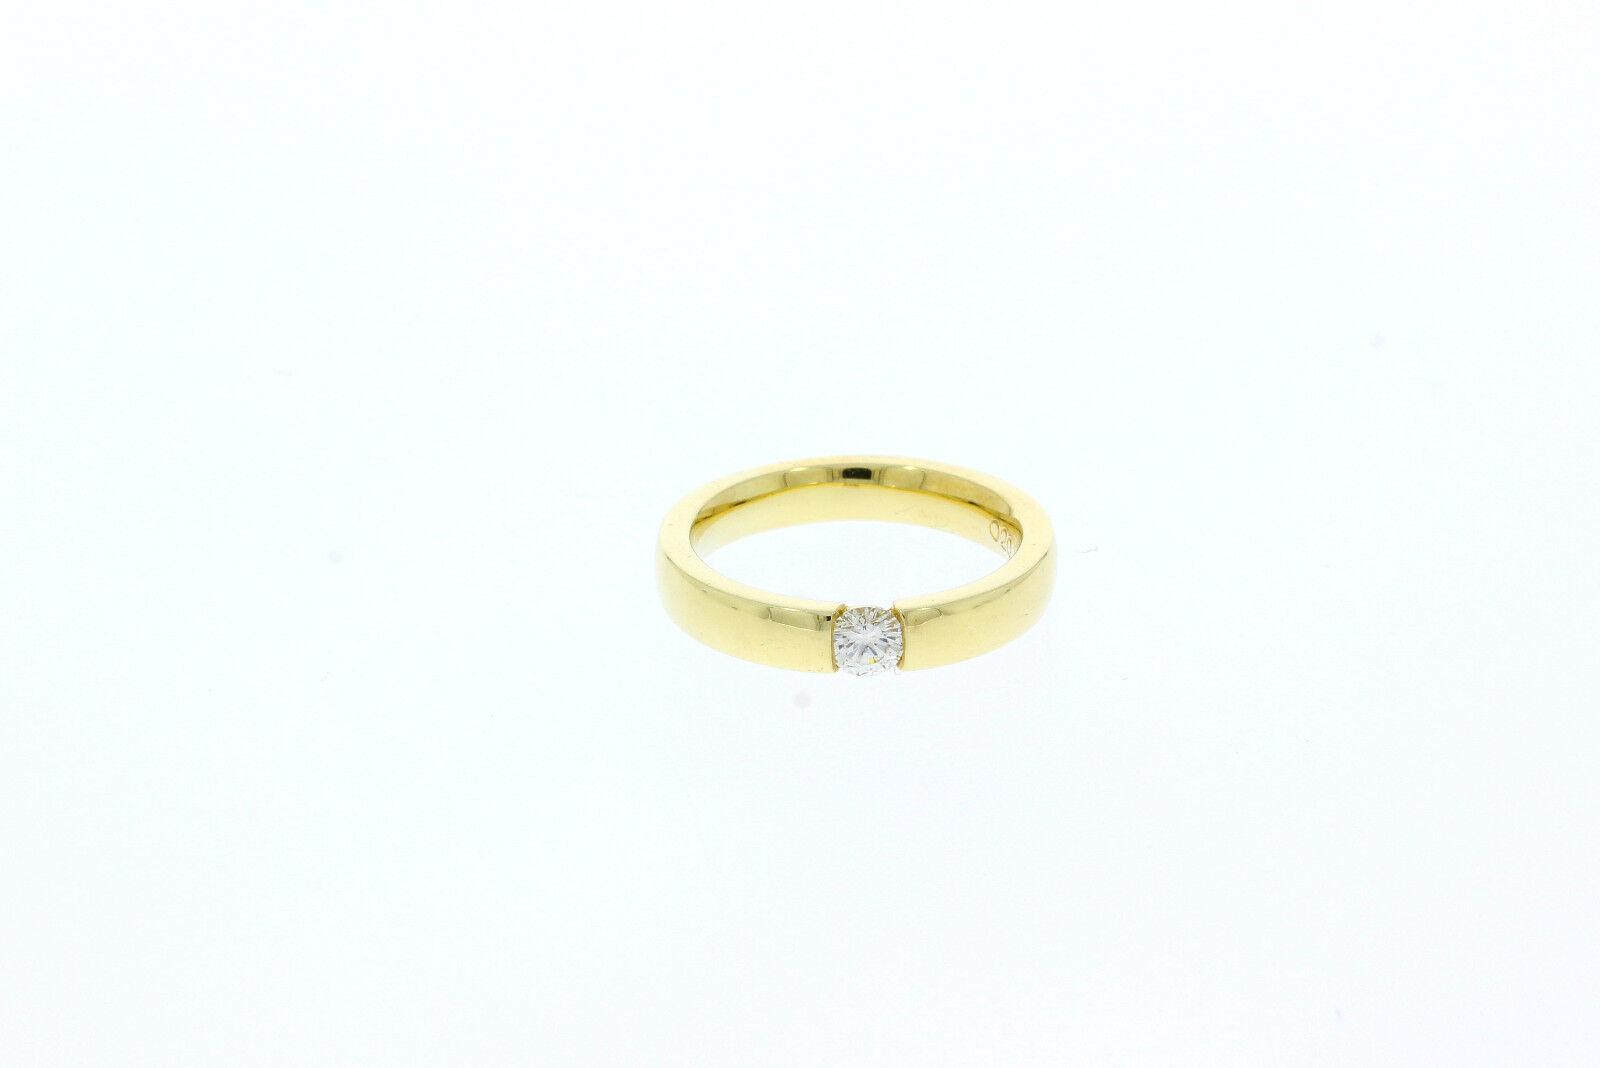 A0110-585er yellowgold Eherinring mit Brilliant ca. 0,20 ct R G 52 breit 3,75 mm